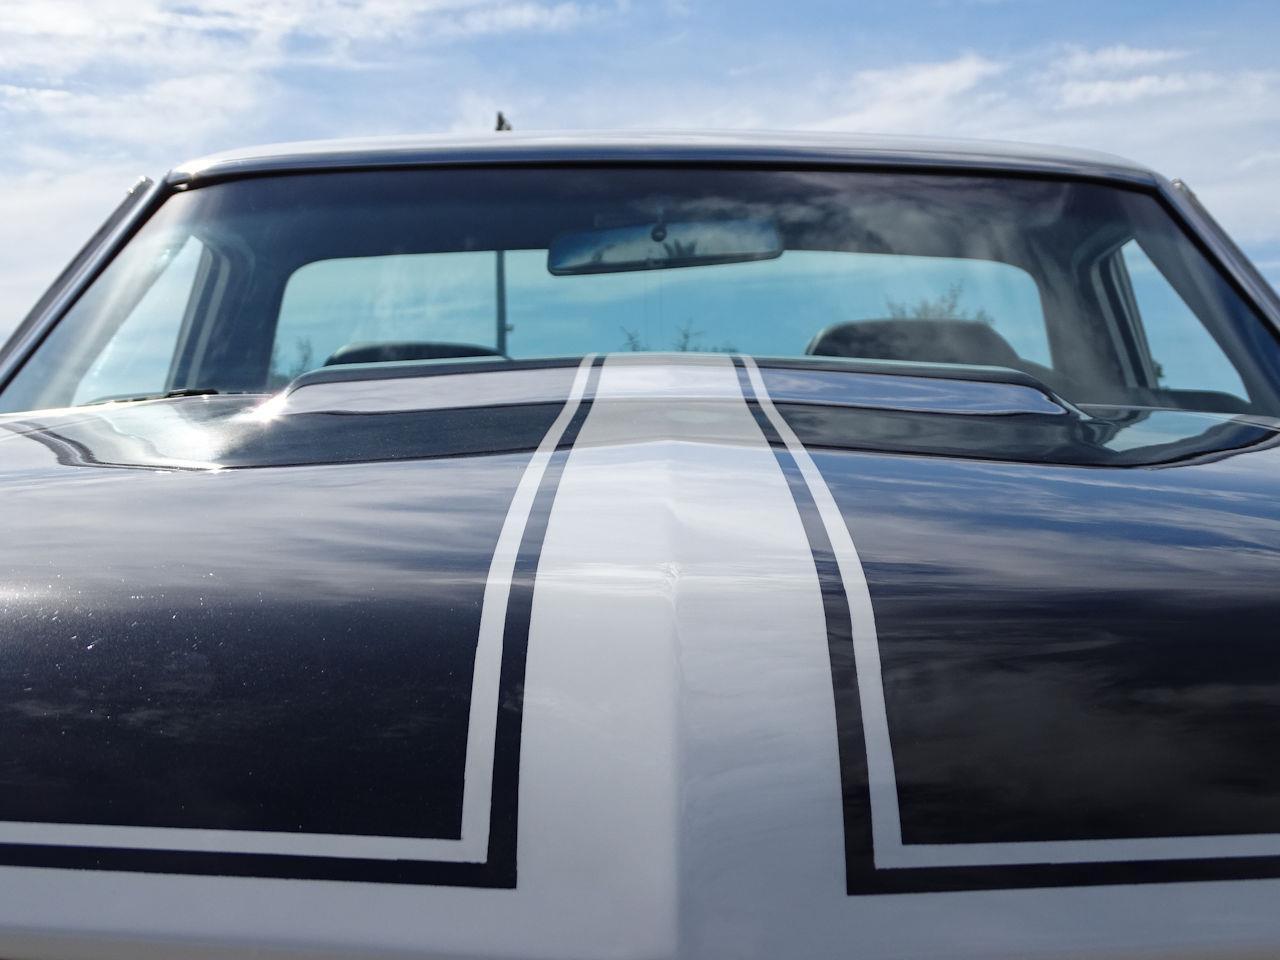 1970 Chevrolet El Camino (CC-1410648) for sale in O'Fallon, Illinois